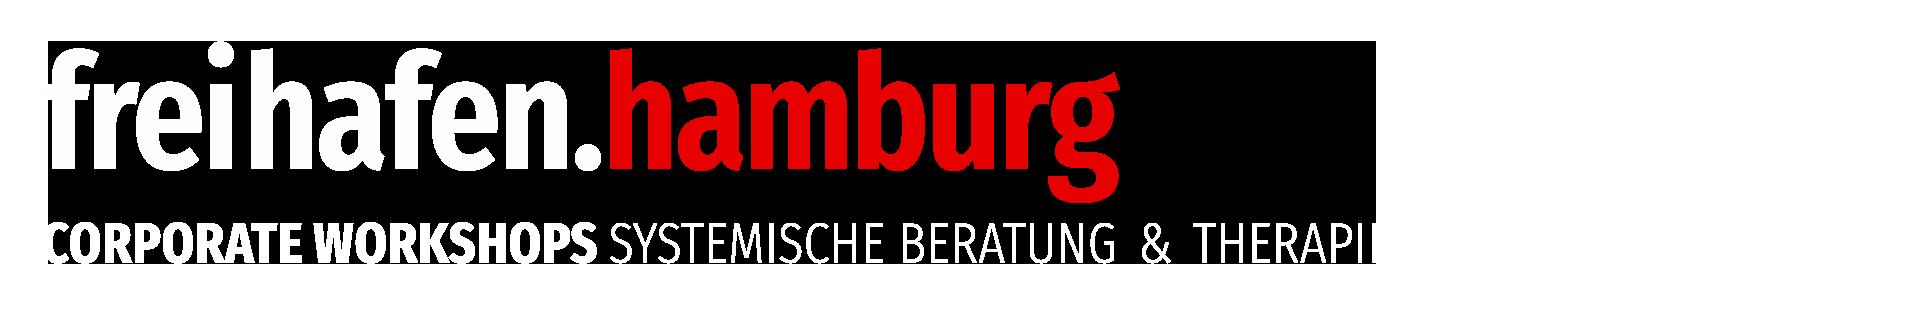 freihafen.hamburg Logo